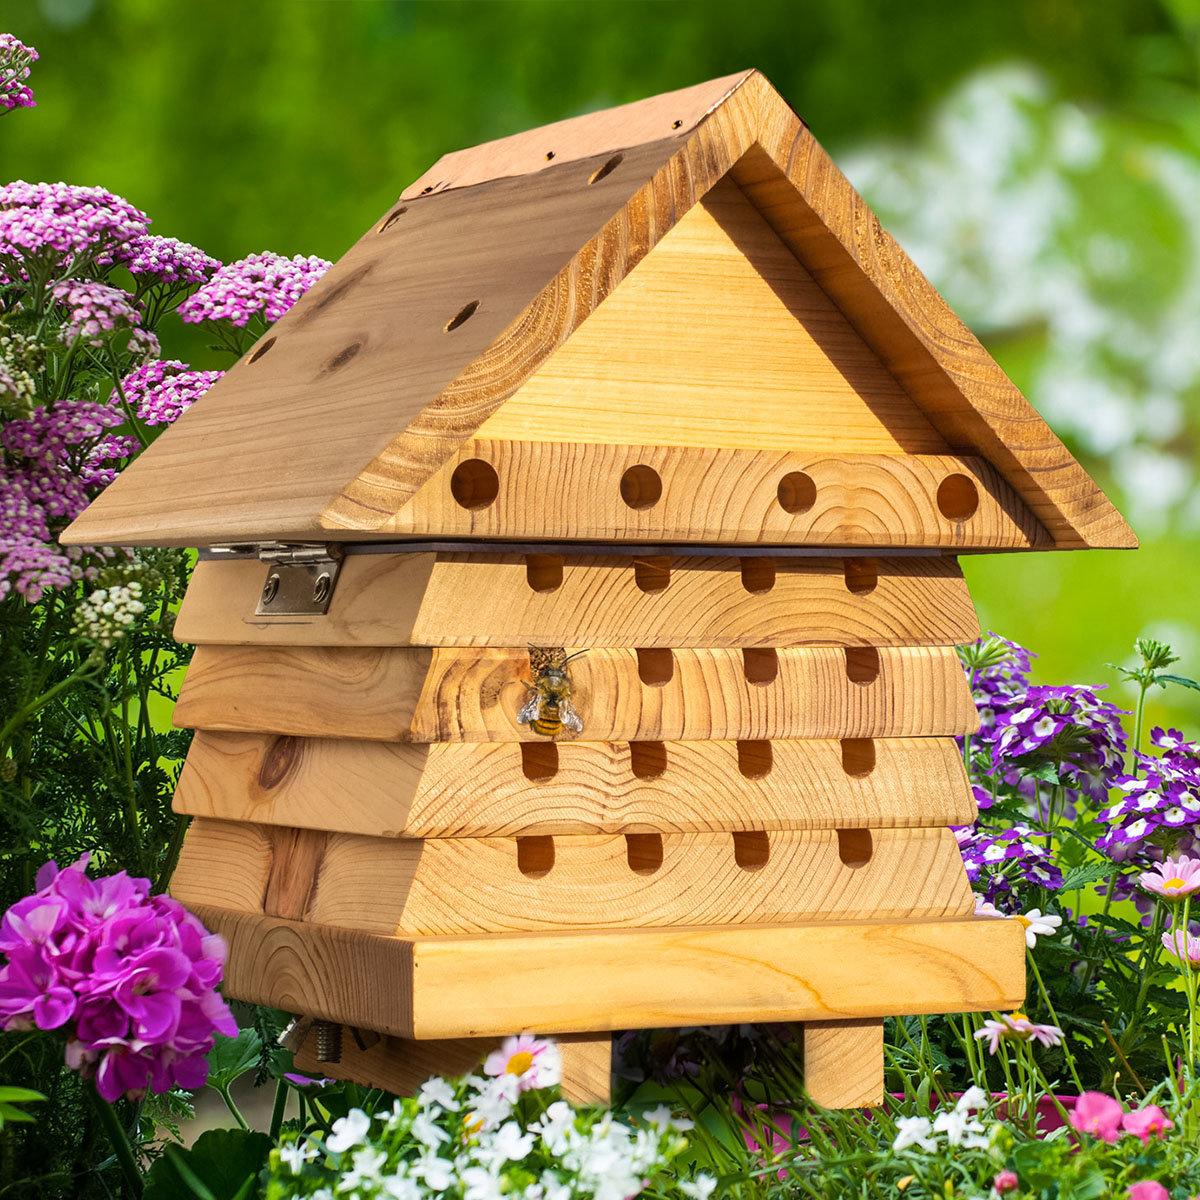 Bienenhaus Maja, Endeckerhaus zum öffnen mit Acrylglasplatte